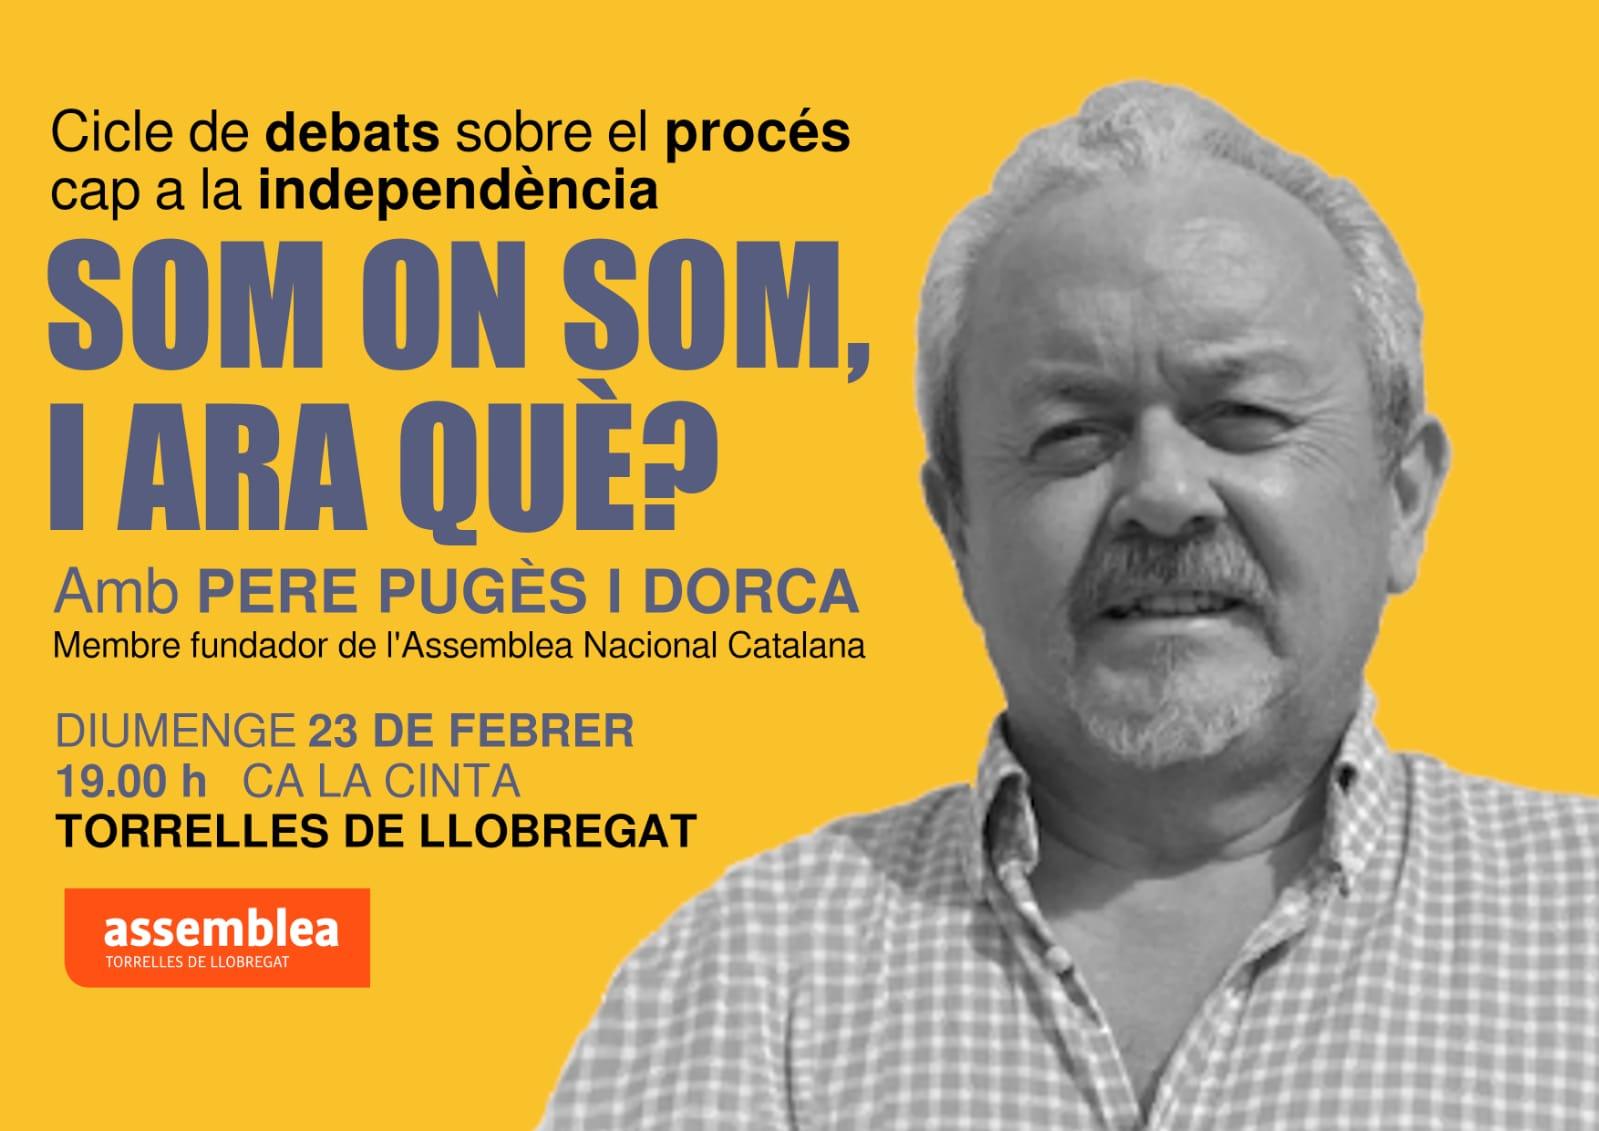 Cicle de debats sobre el procés cap a la independència: som on som, i ara què?